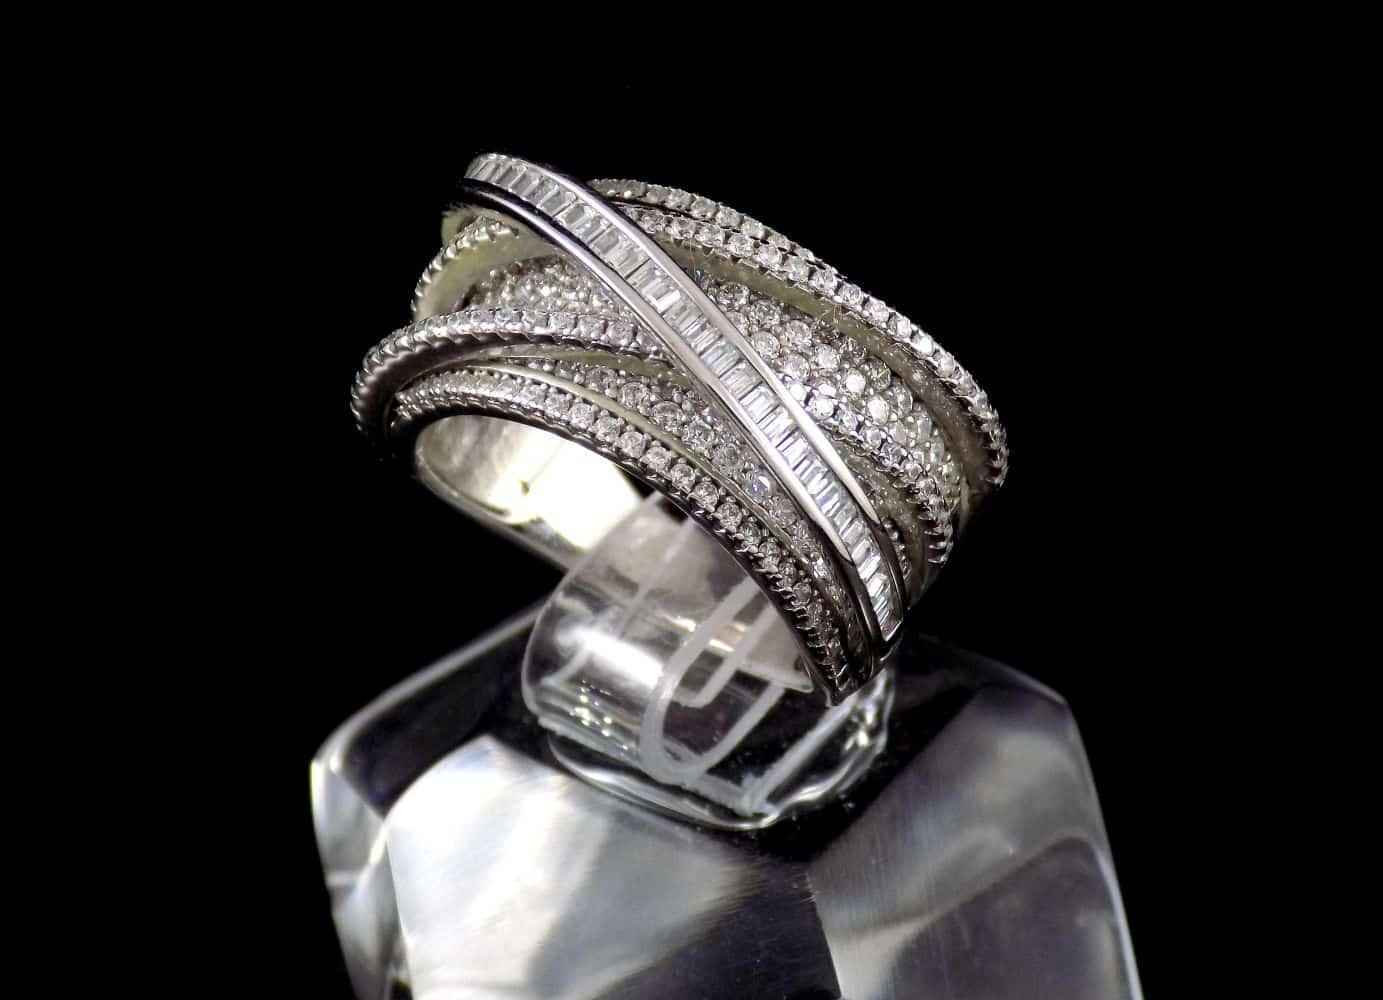 انگشتر نقره زنانه 8.65 گرمی با نگین های زیرکونیا سفید رنگ DL-A103 (3)